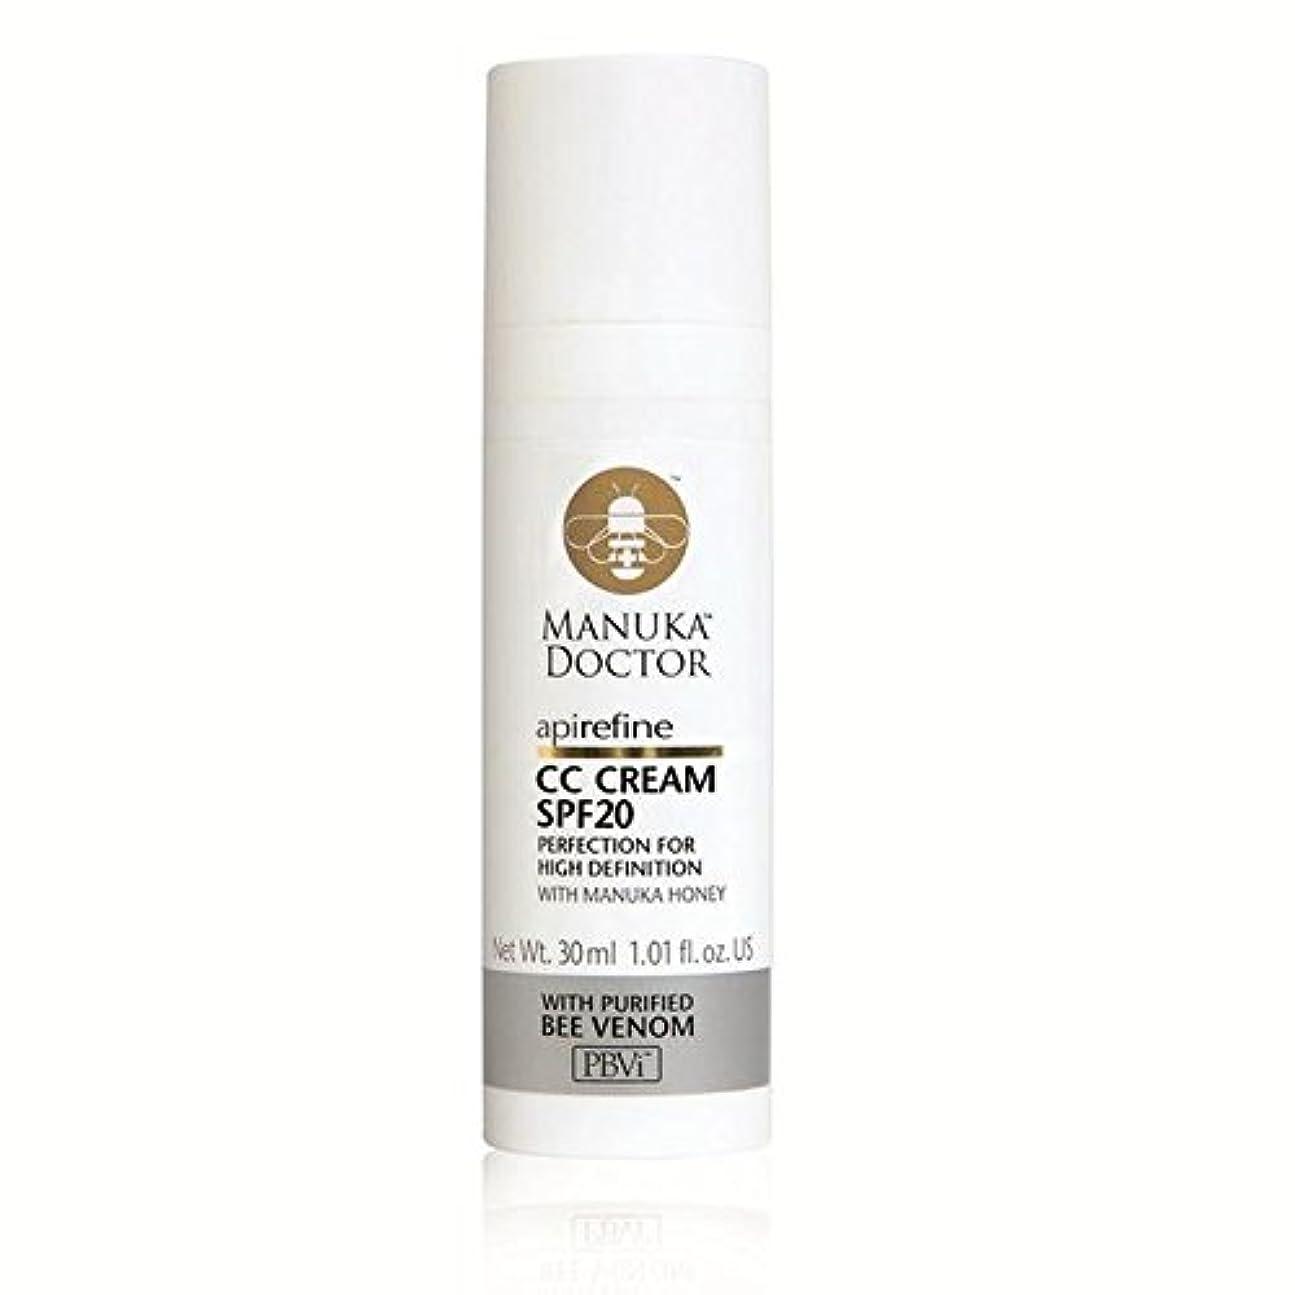 文房具行商人ハイキングManuka Doctor Api Refine CC Cream with SPF20 30ml - 20 30ミリリットルとマヌカドクターリファインクリーム [並行輸入品]